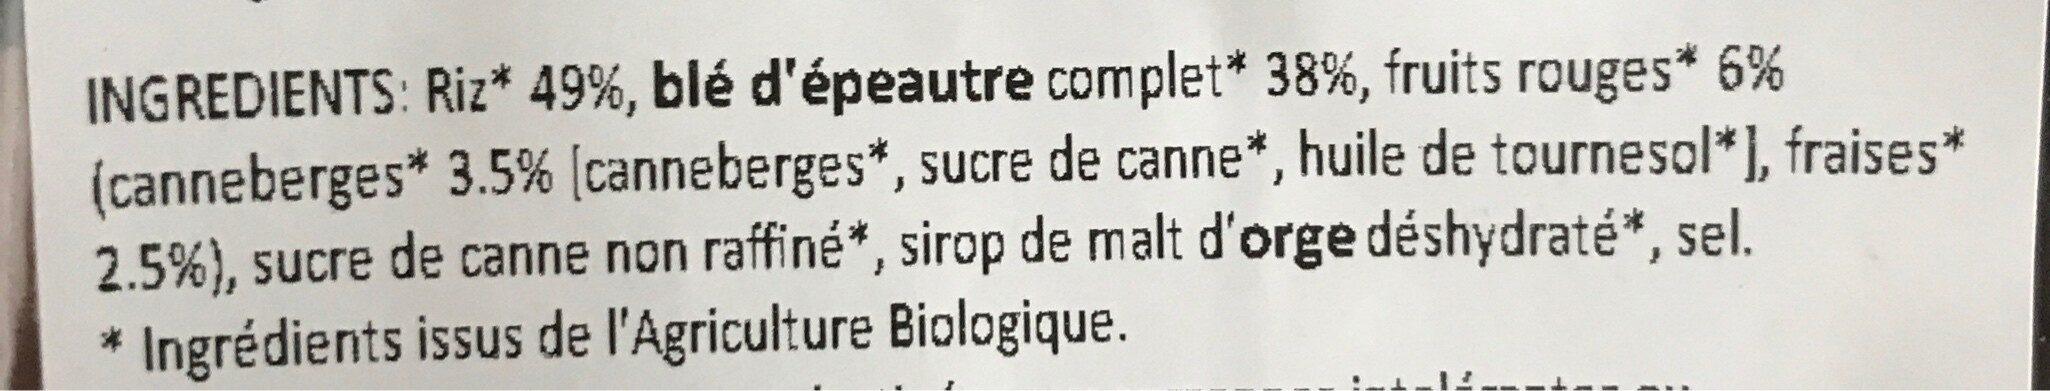 Pétales épeautre riz fruits rouges - Ingrédients - fr